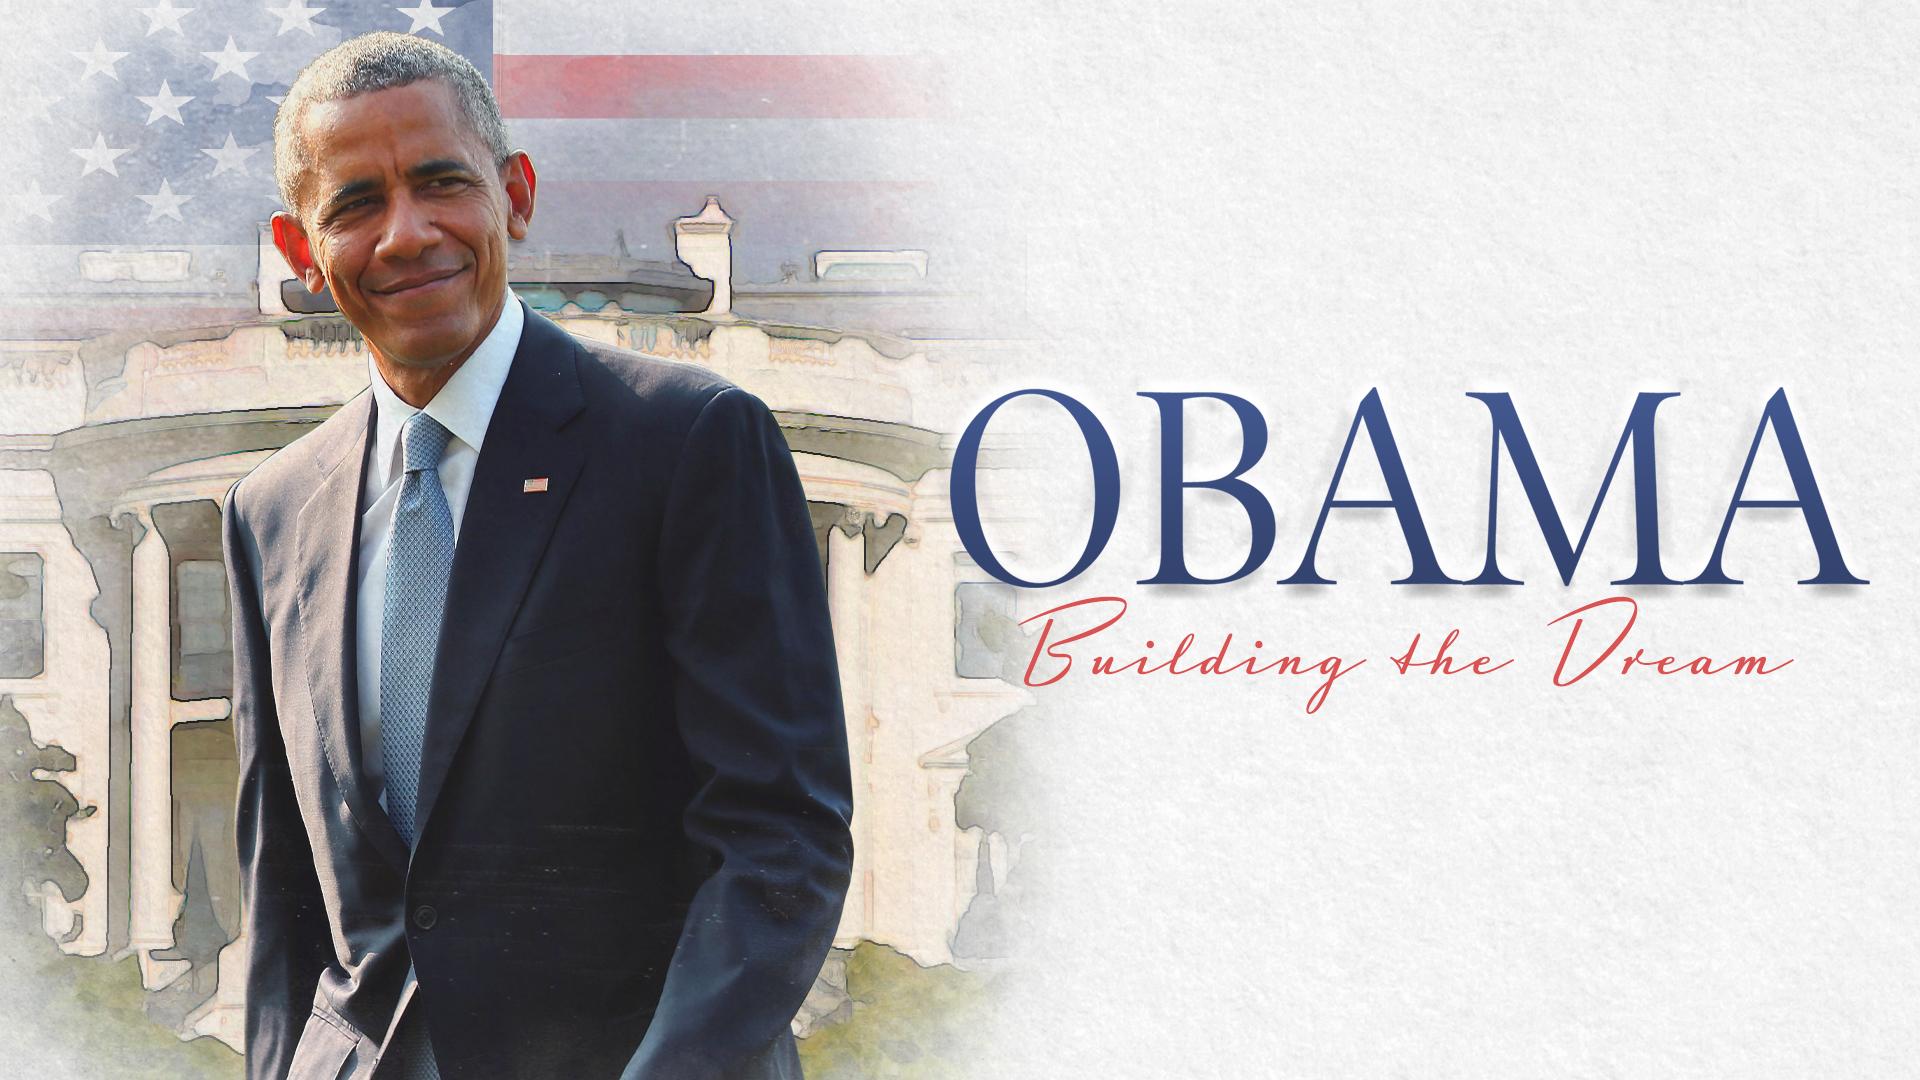 Obama: Building the Dream